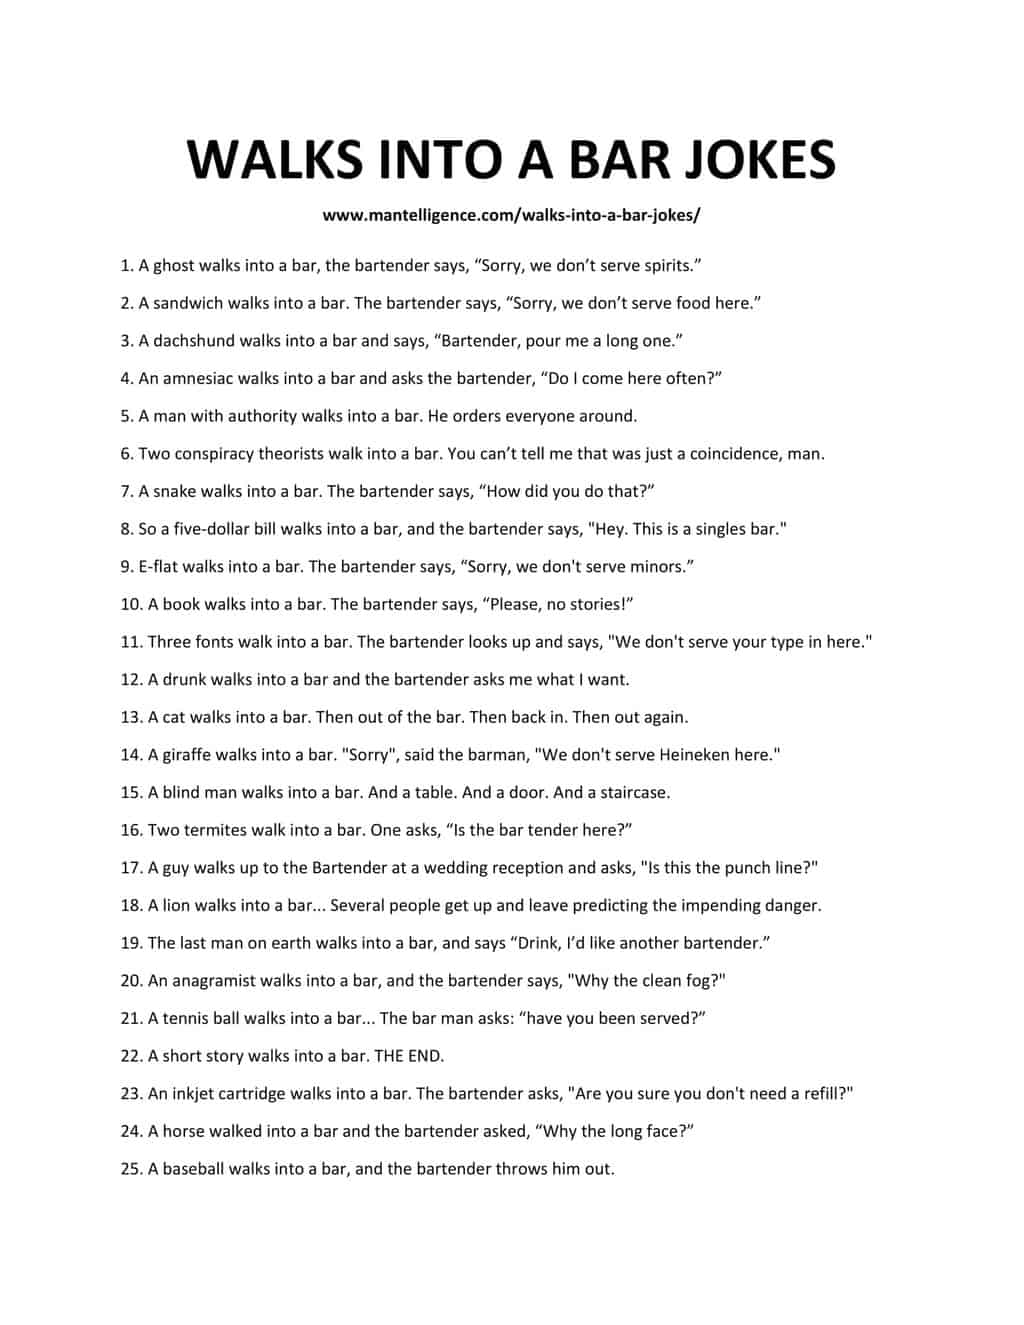 WALKS_INTO_A_BAR_JOKES-1[1]